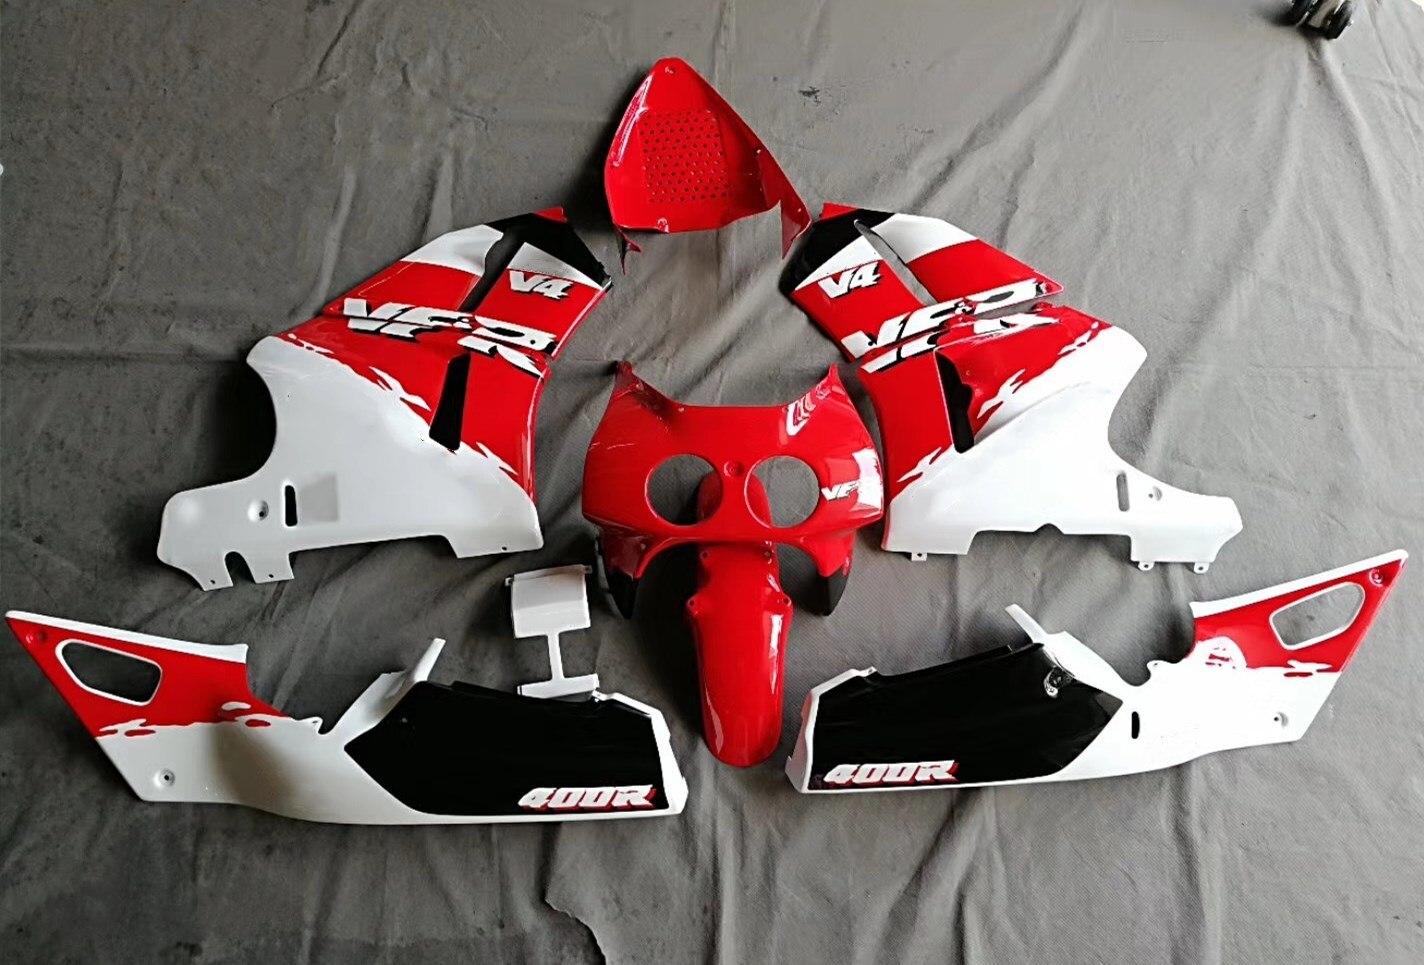 Motorcycle Bodywork Fairing Kit For Honda VFR400 VFR400R NC30 V4 VFR 400R 1989 1990 1991 1992 Fairings Injection Mold Red White